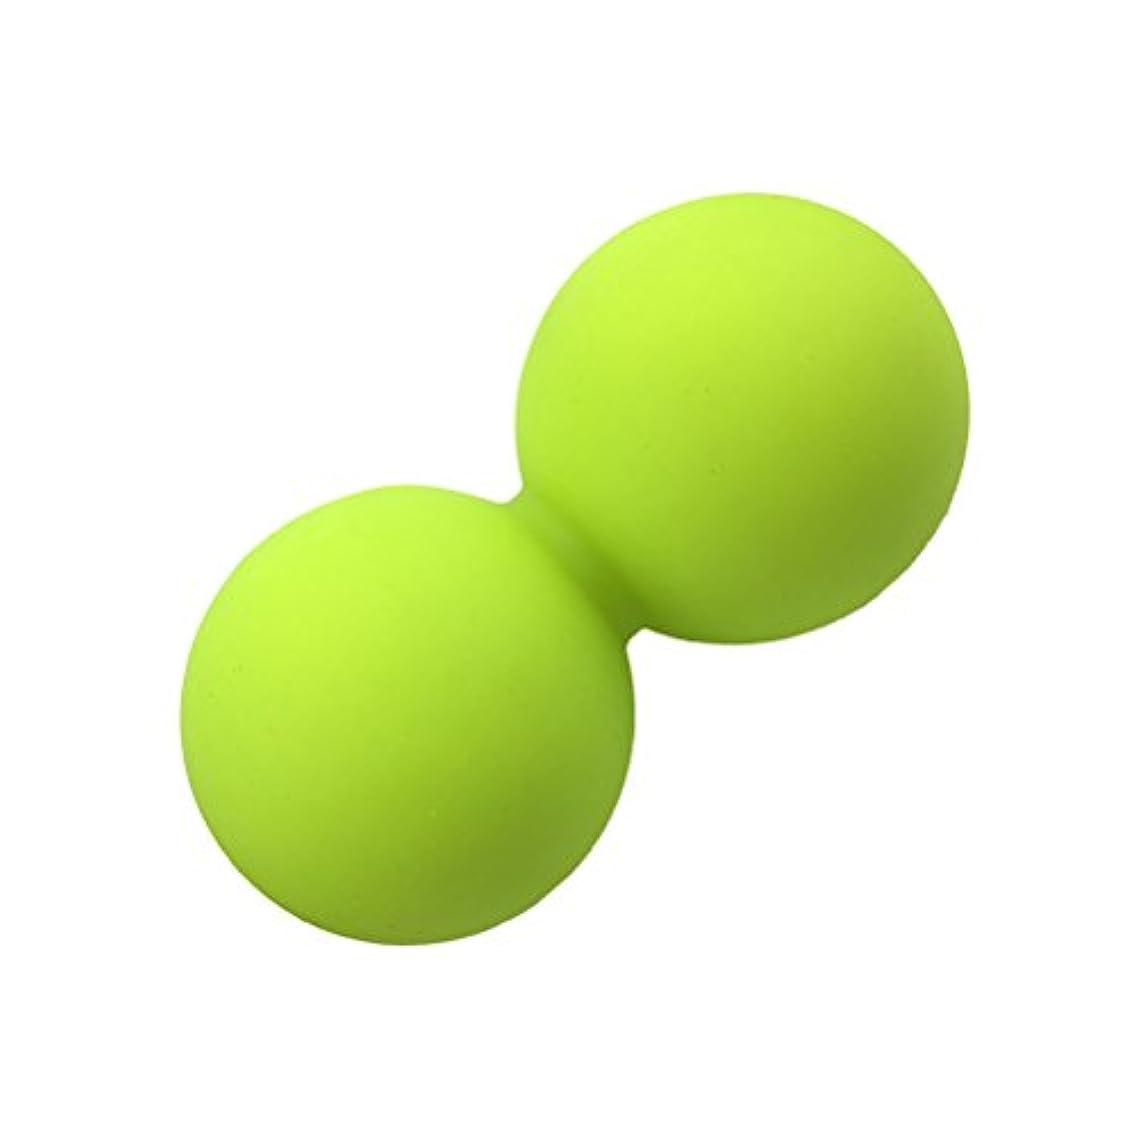 構成する化石フレッシュROSENICE ピーナッツマッサージボールヨガマッサージボールマッサージボールローラー(ブリリアントグリーン)